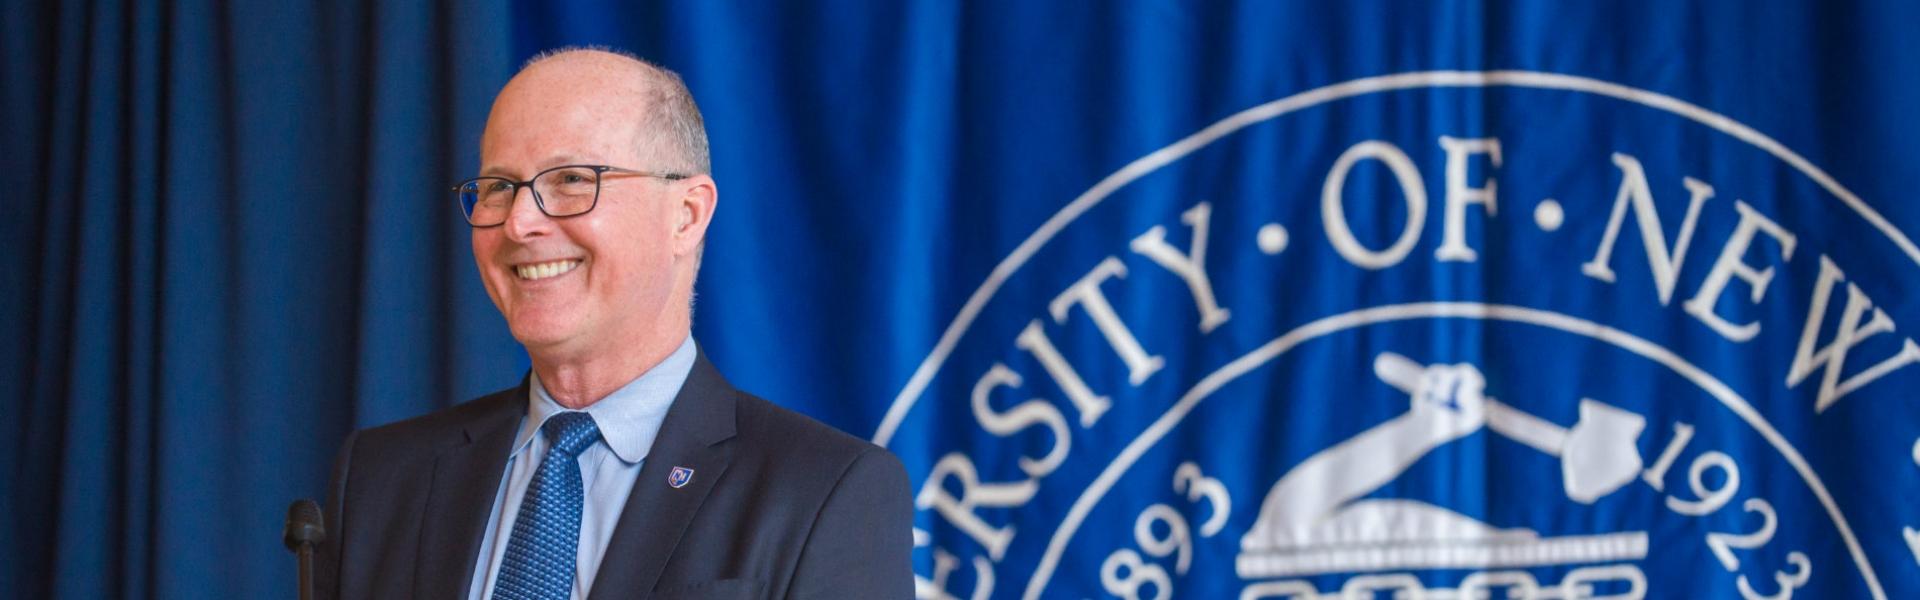 UNH President James W. Dean